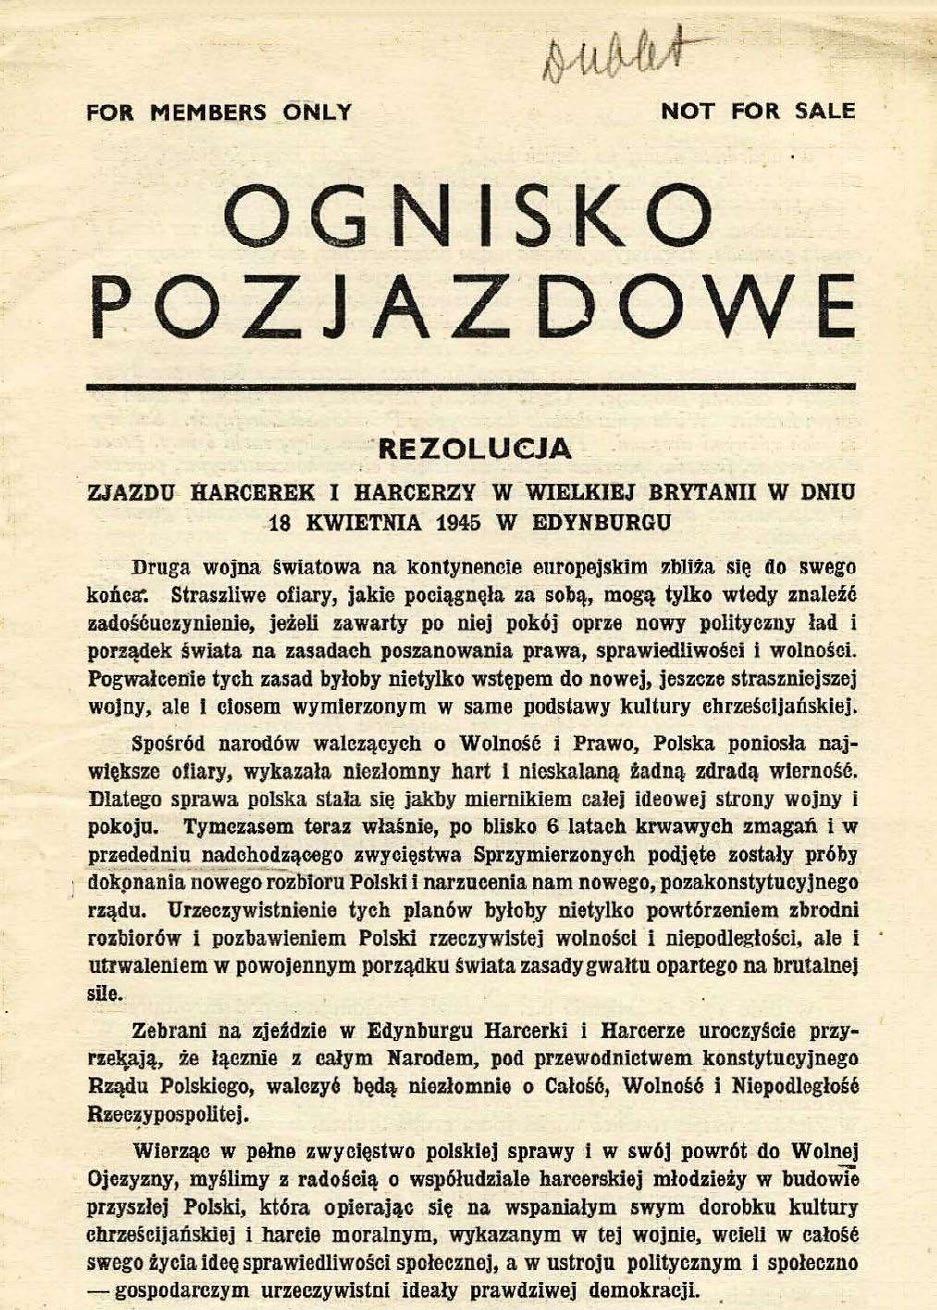 Page 72 of Dokumenty z 1 zjazdu harcerskiego w Wlk.Brytanii 17-18.04.1945